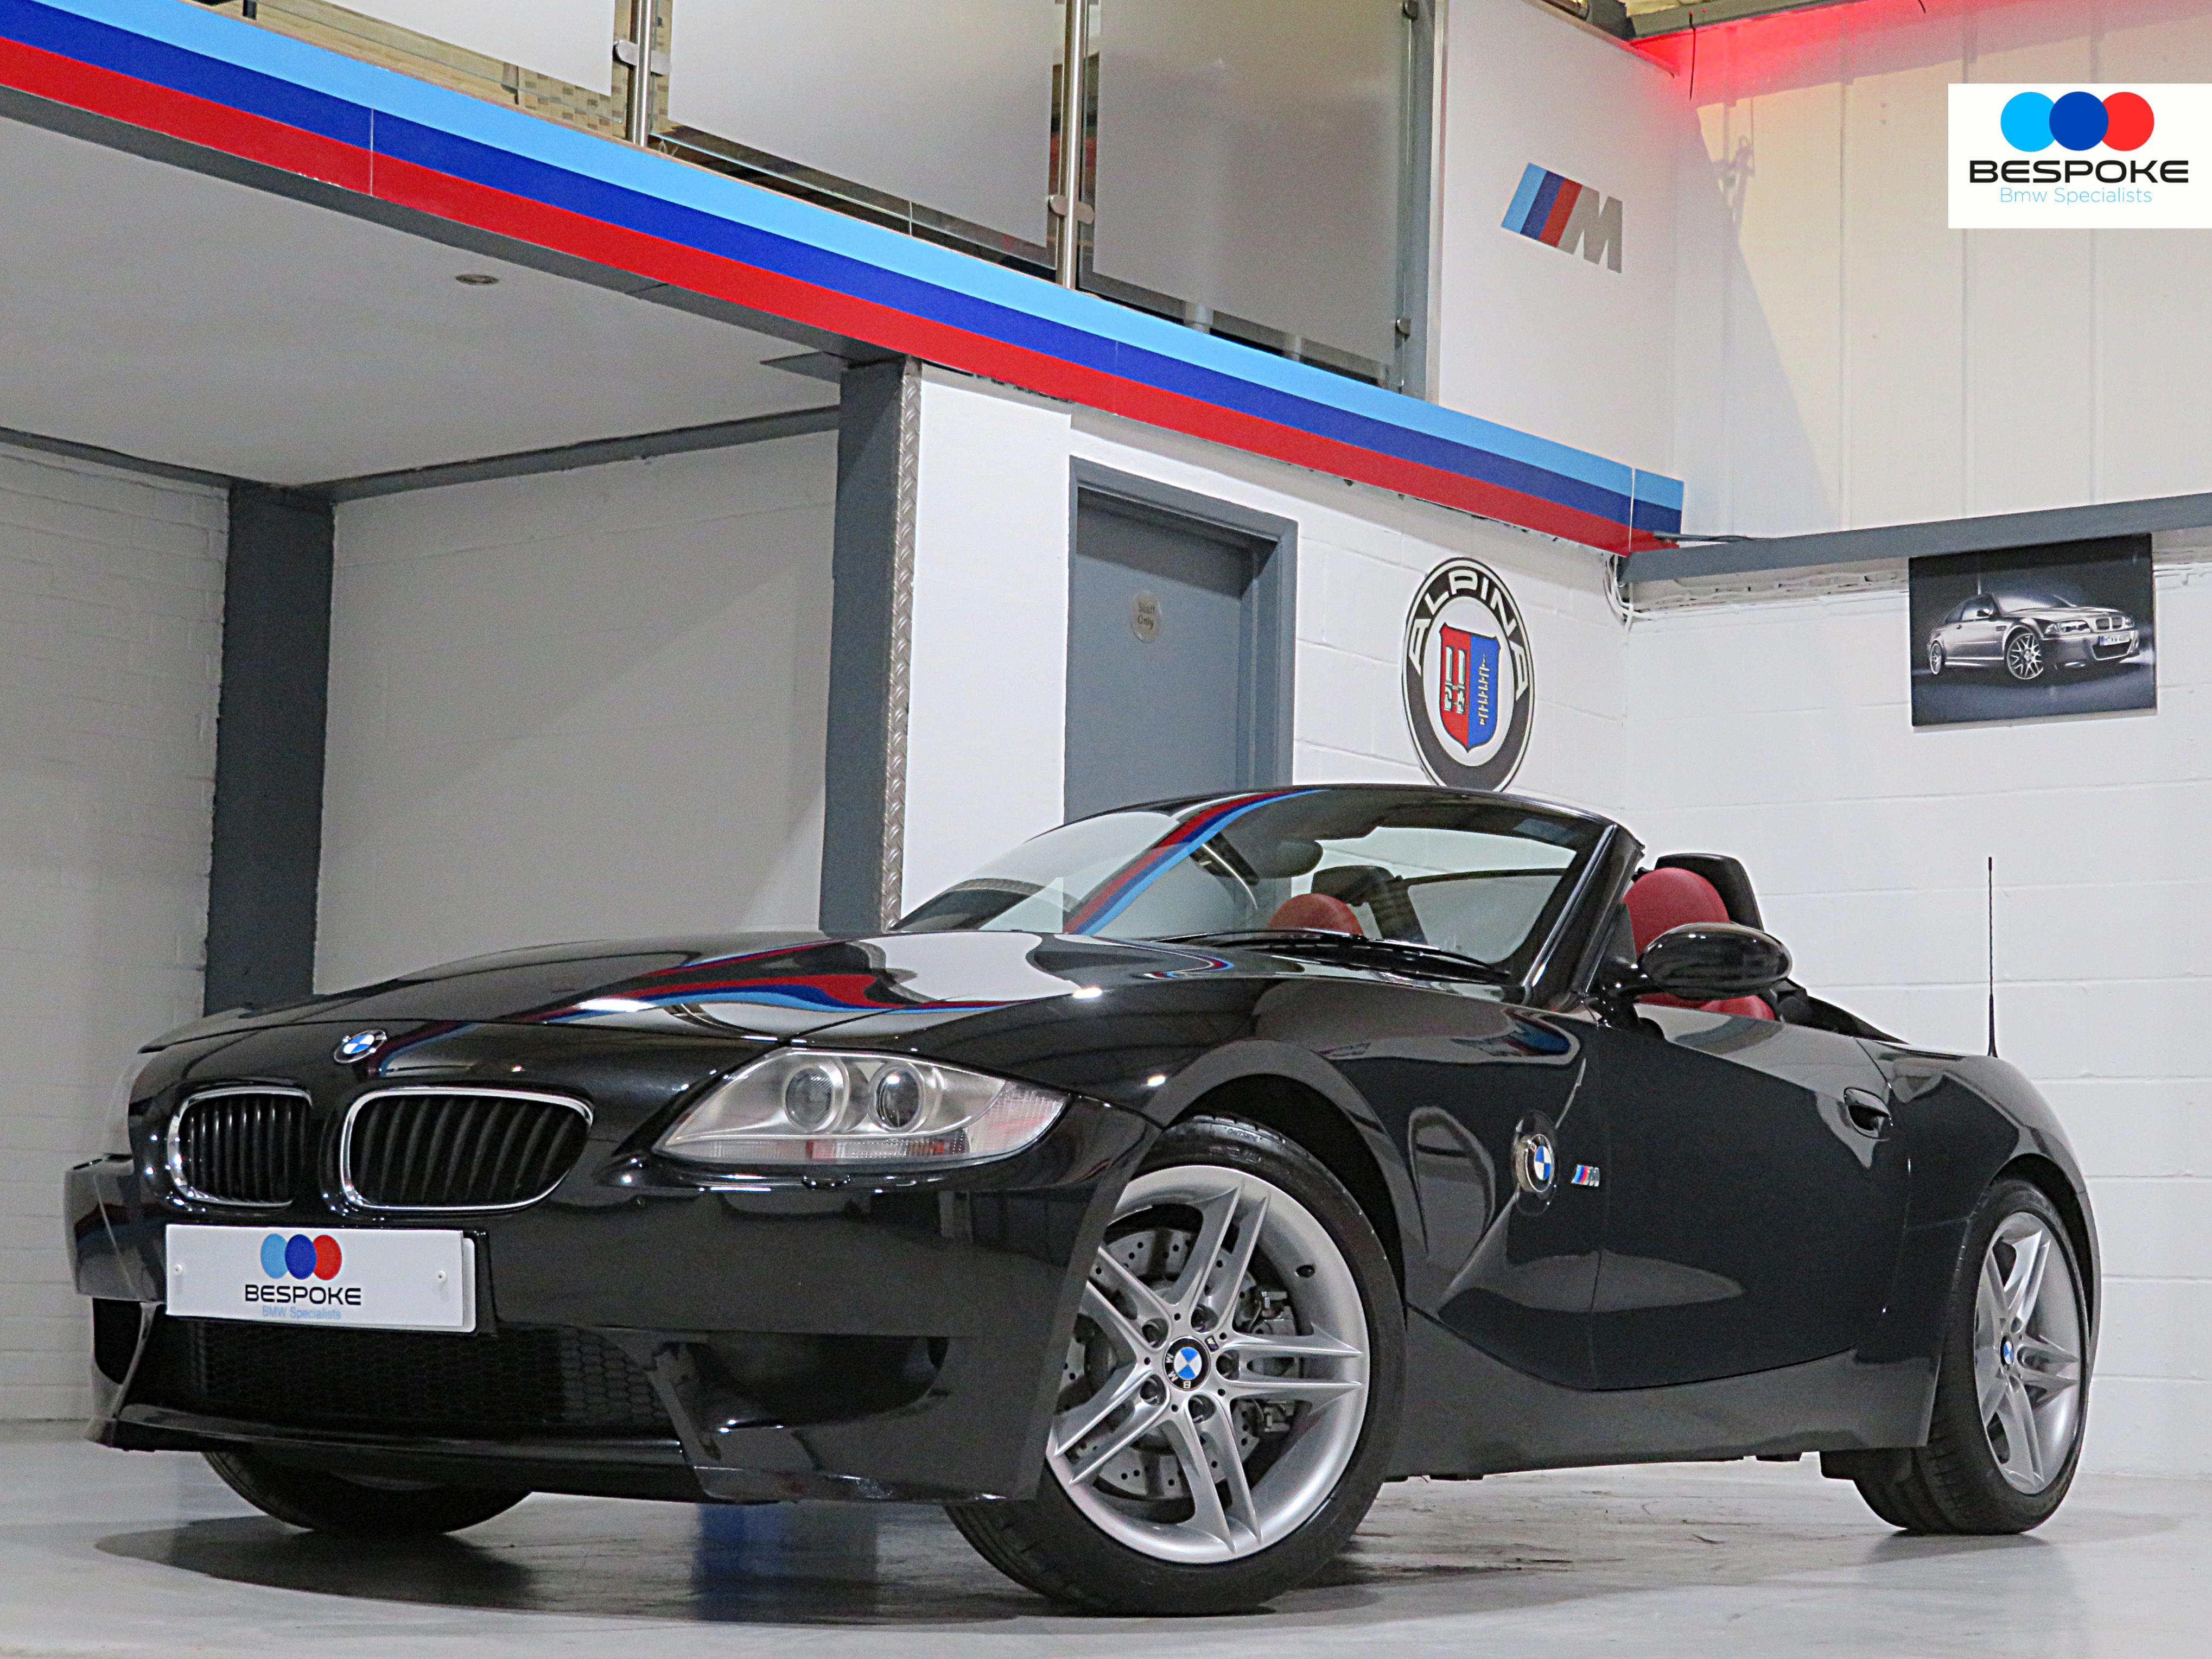 2007 BMW Z4M ROADSTER